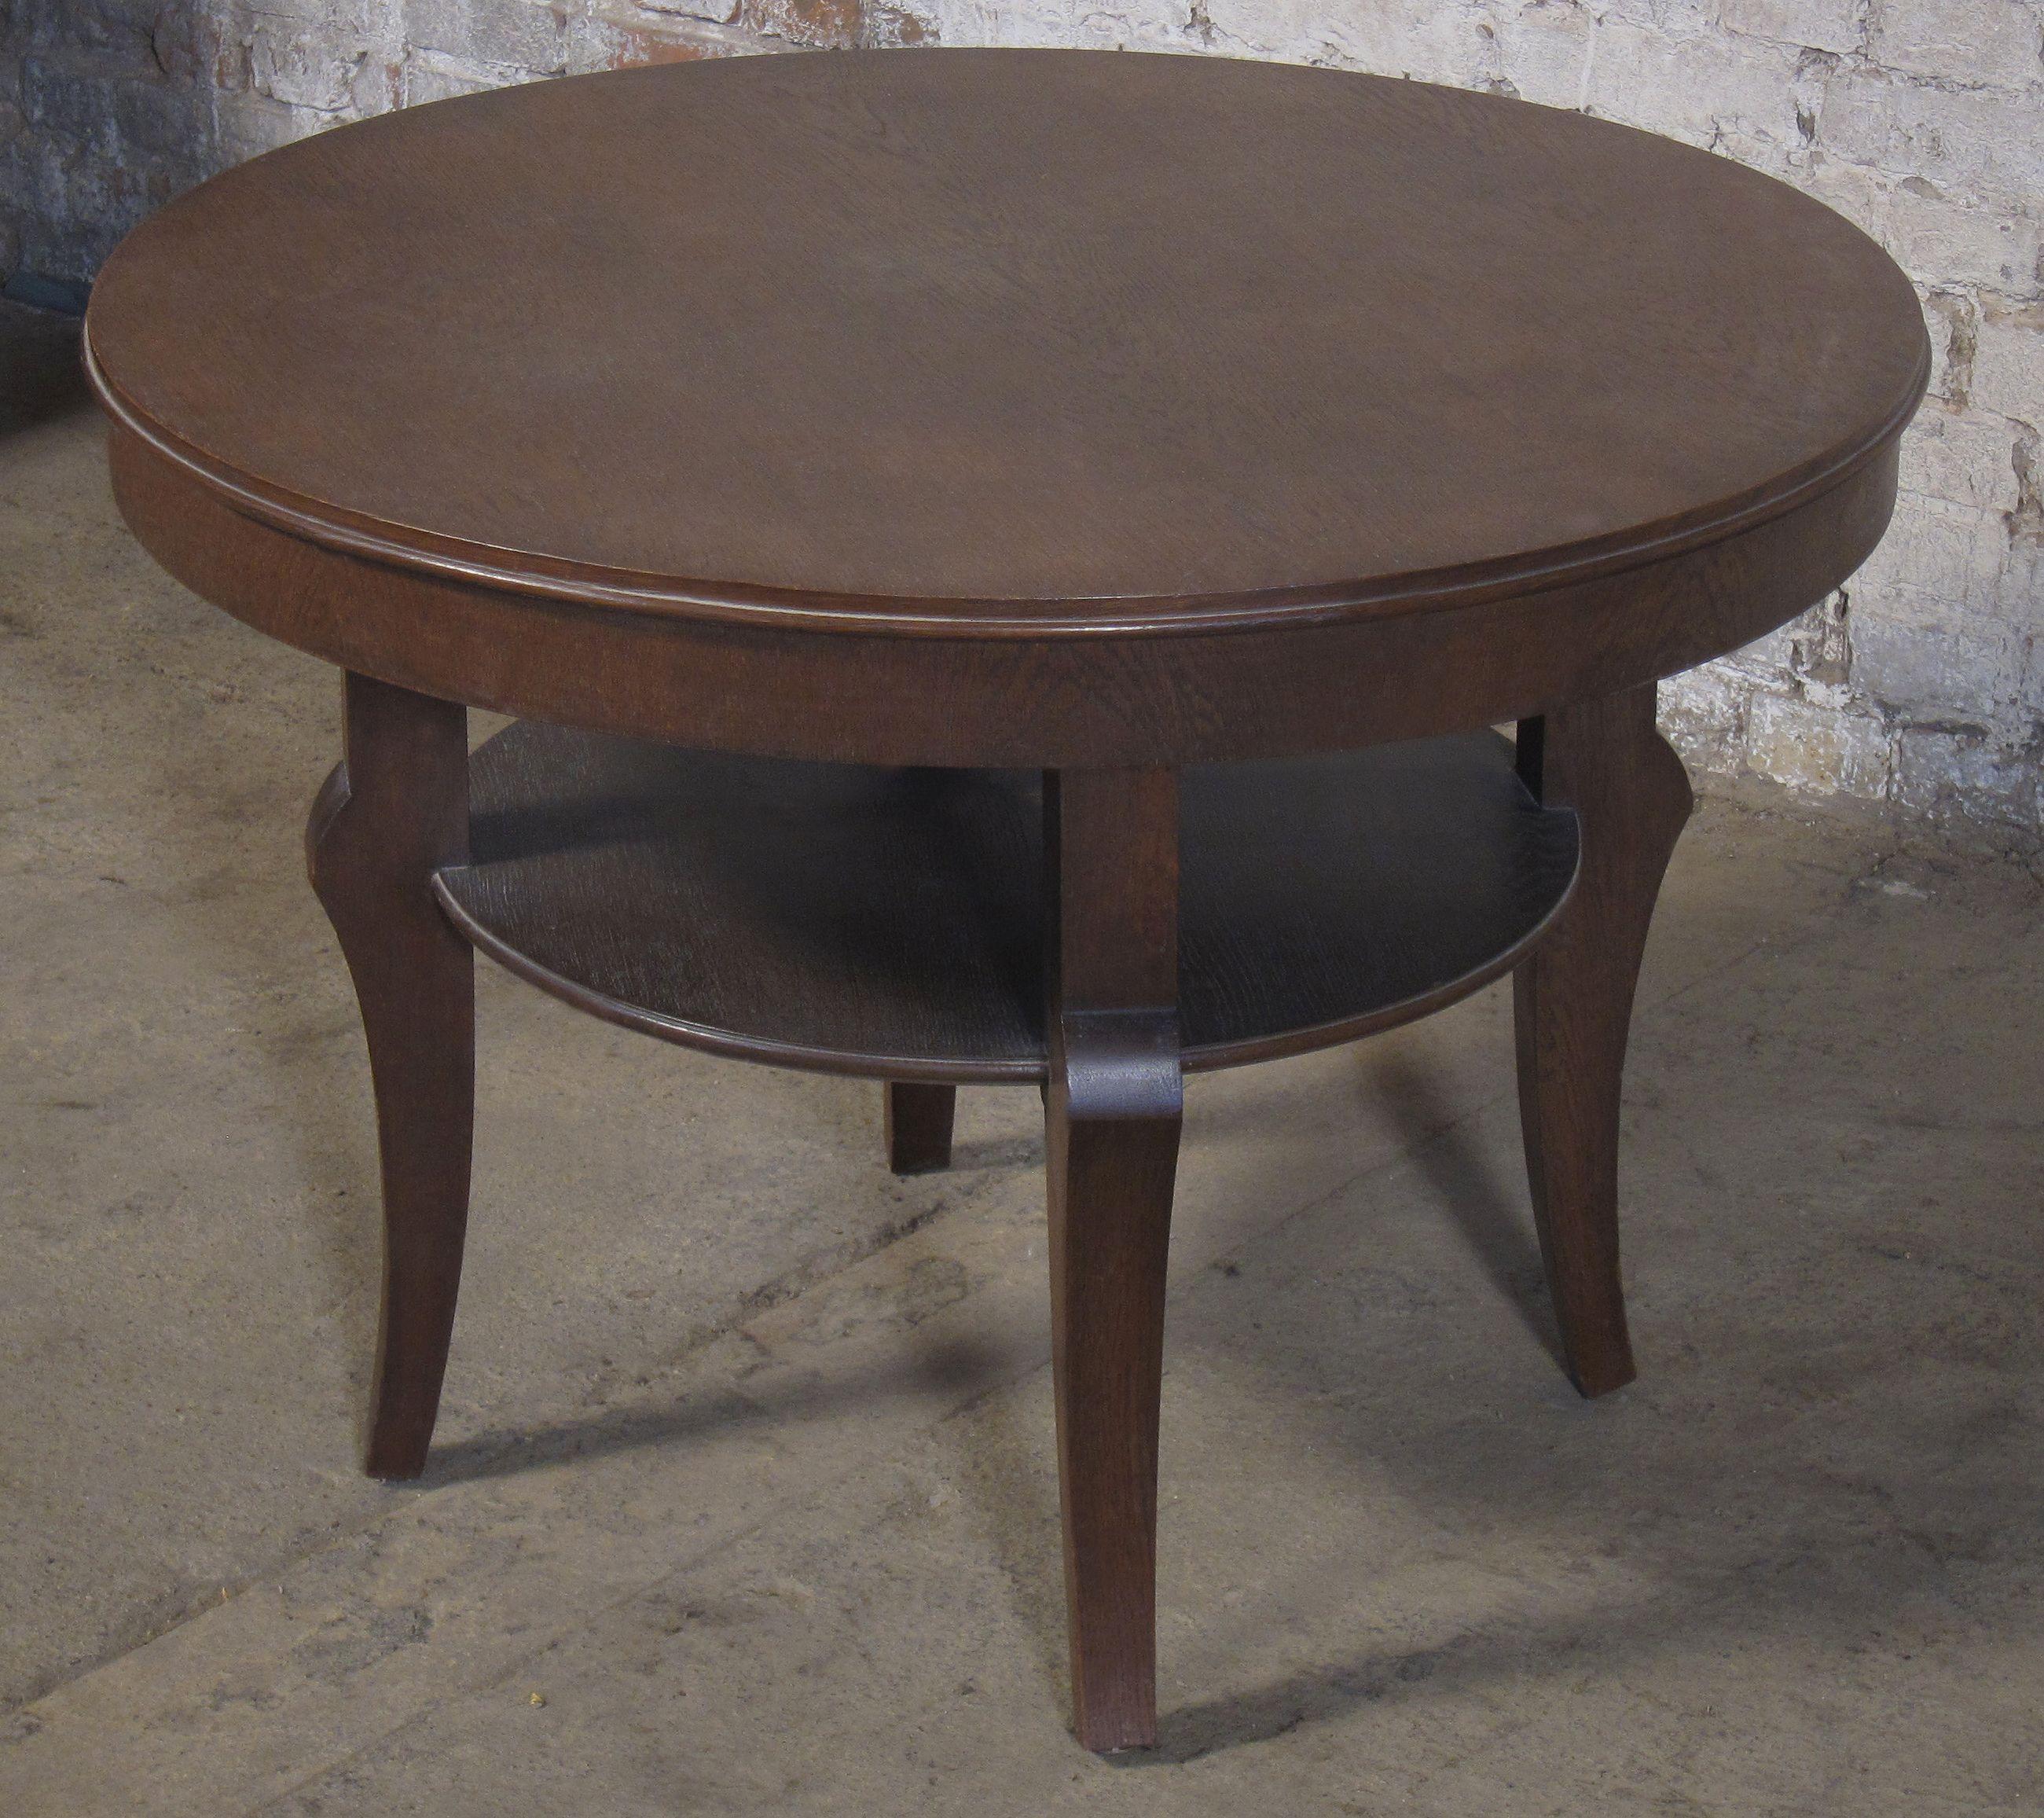 Runder Tisch Mit Ablage Epoche Art Deco Holzart Eiche Masse Durchmesser 100 Cm Hohe 72 Cm Kennung Nr 138 Tisch Antik Sofa Tisch Tisch